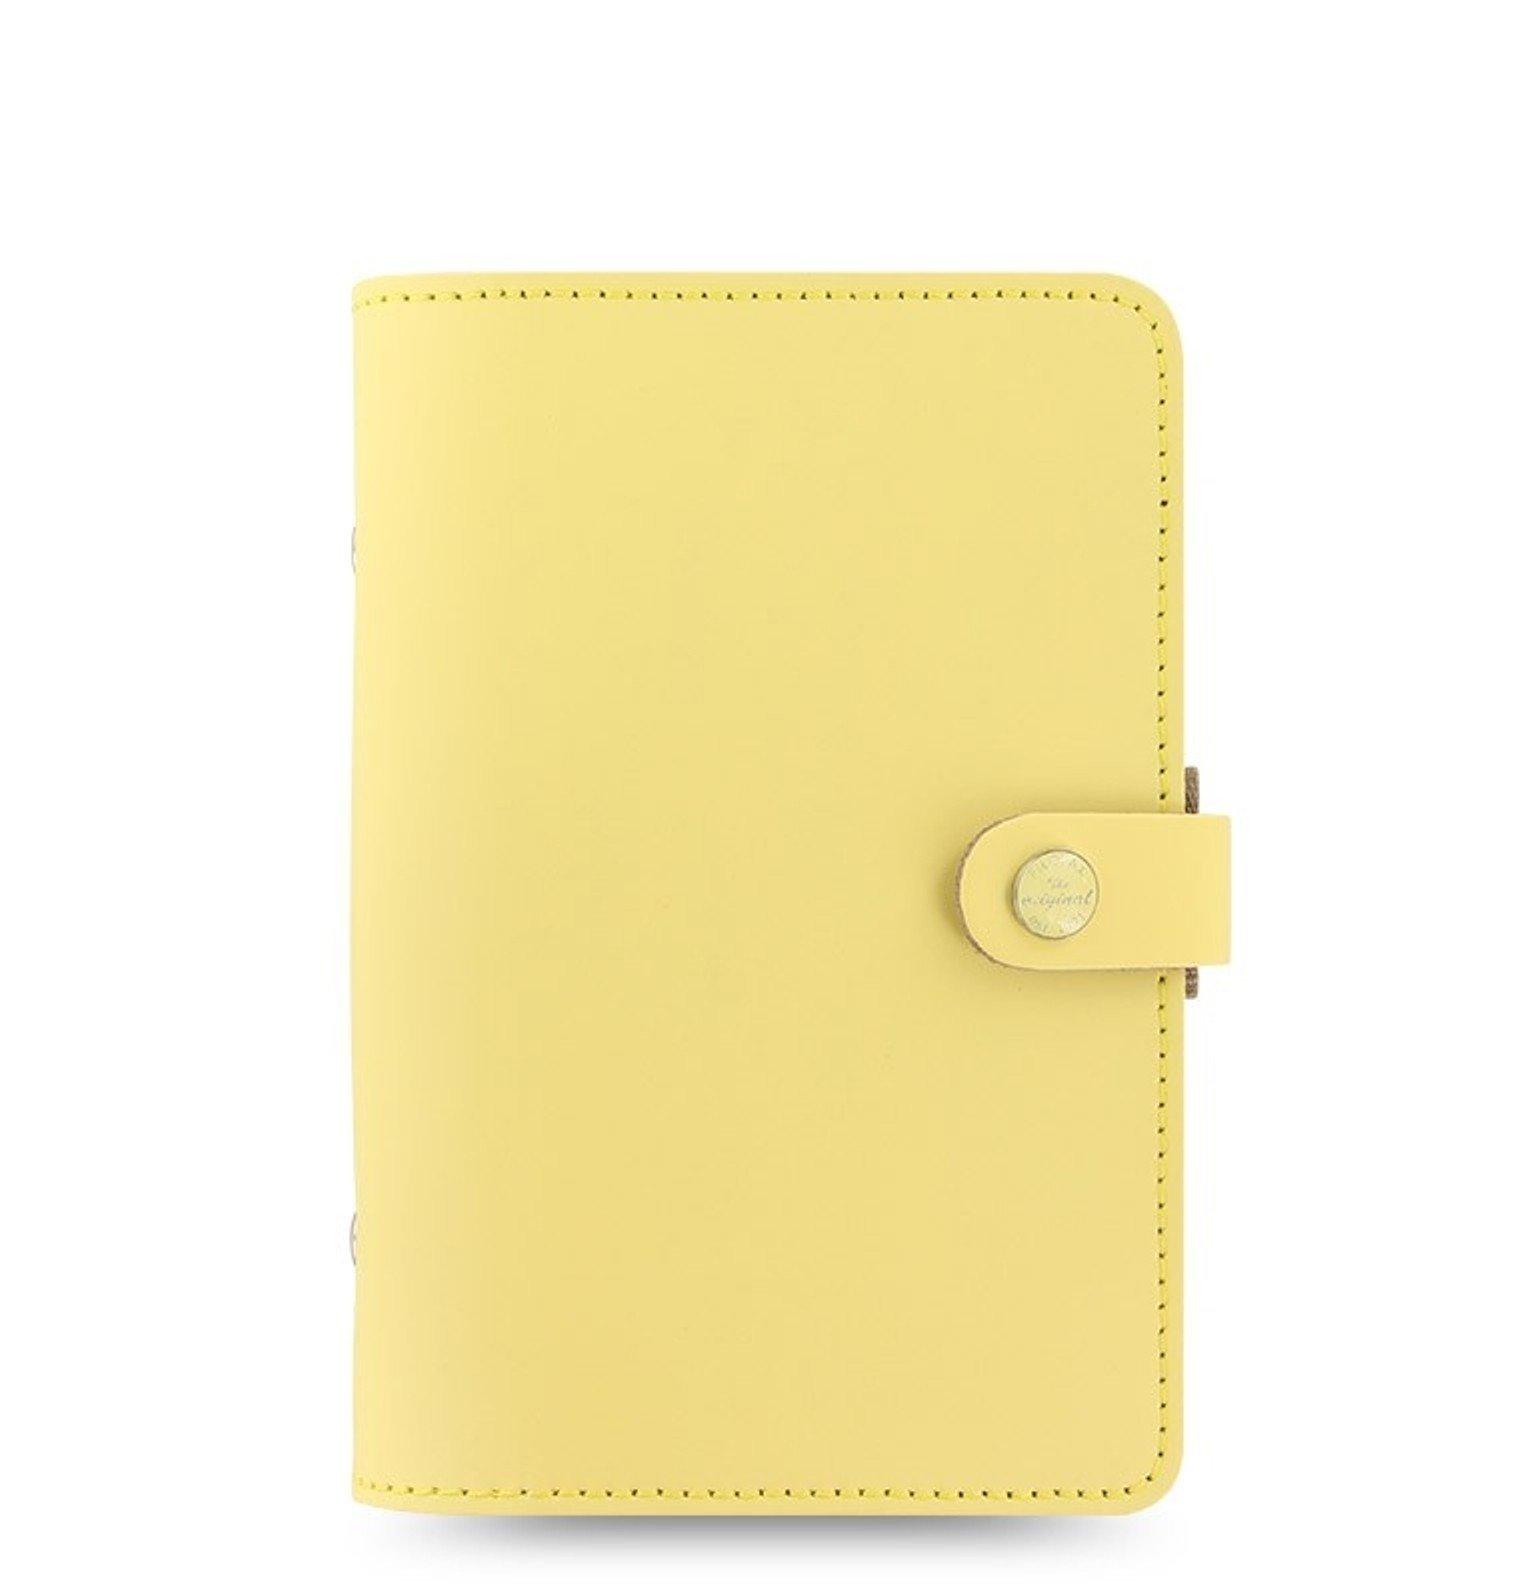 Organiser De Filofax The Original Personal Lemon Gelb